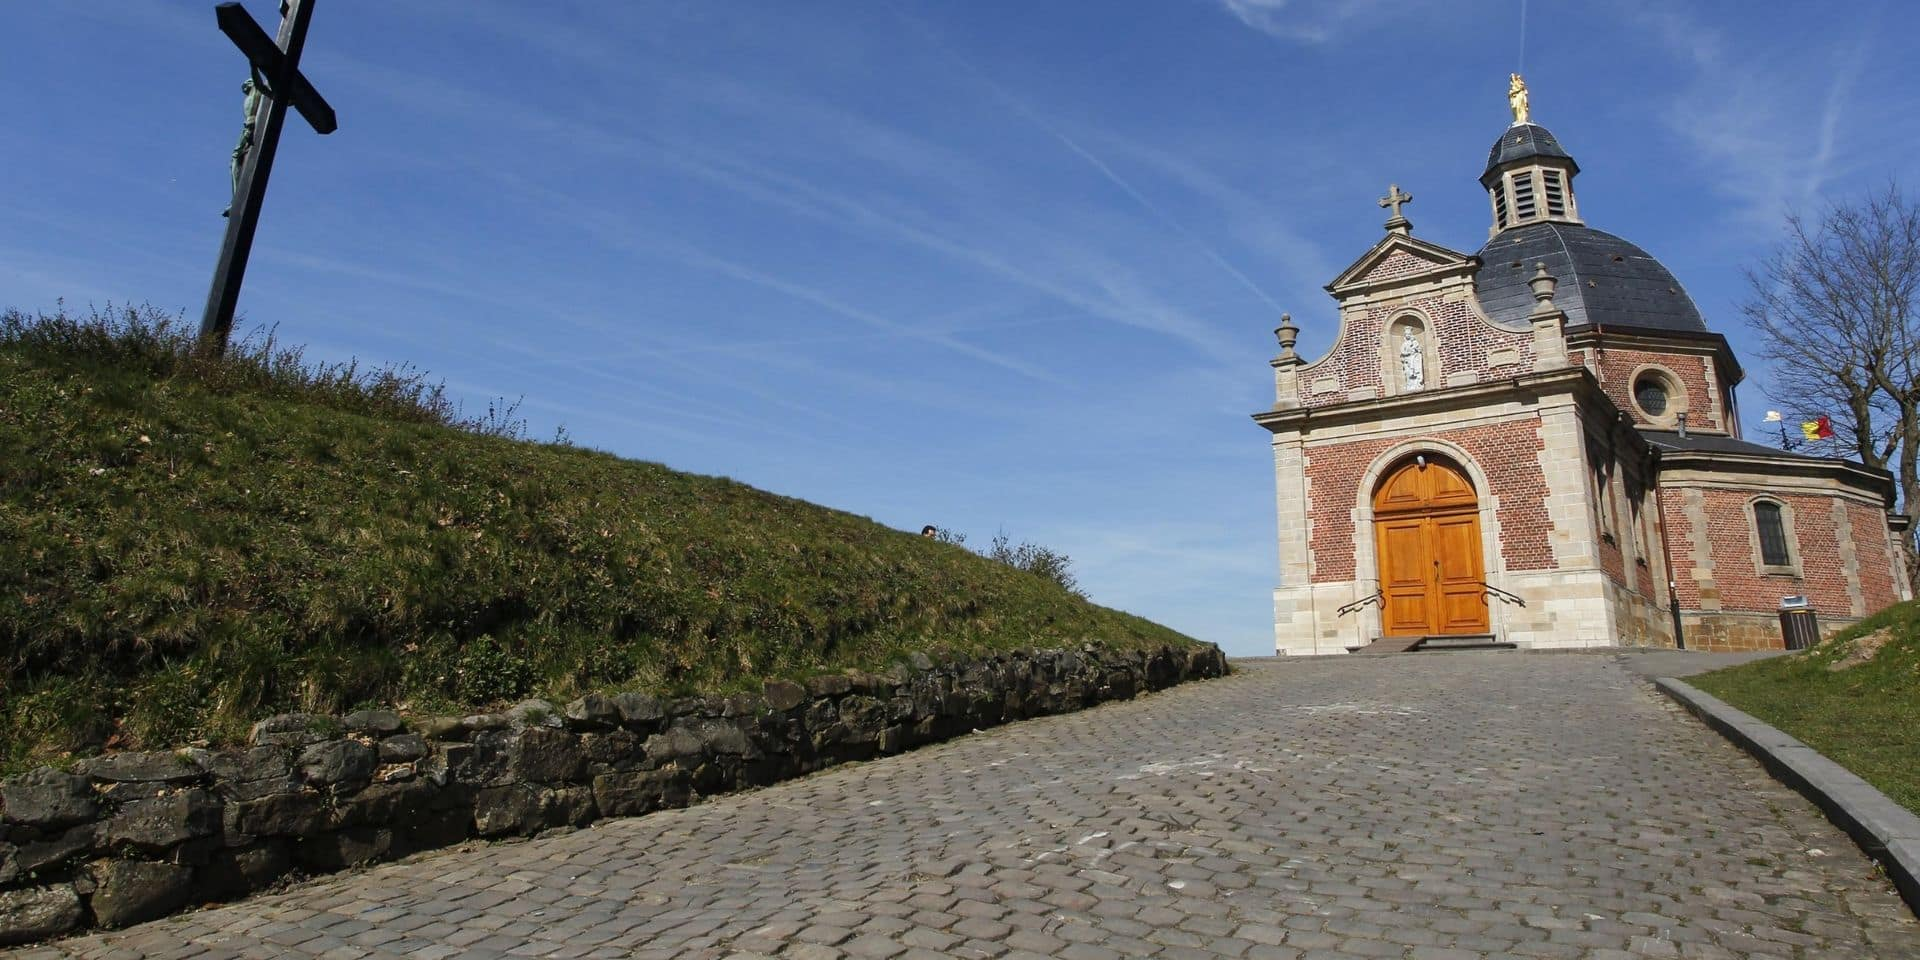 Tour des Flandres: pas de public dans les côtes ni sur les secteurs pavés ce dimanche